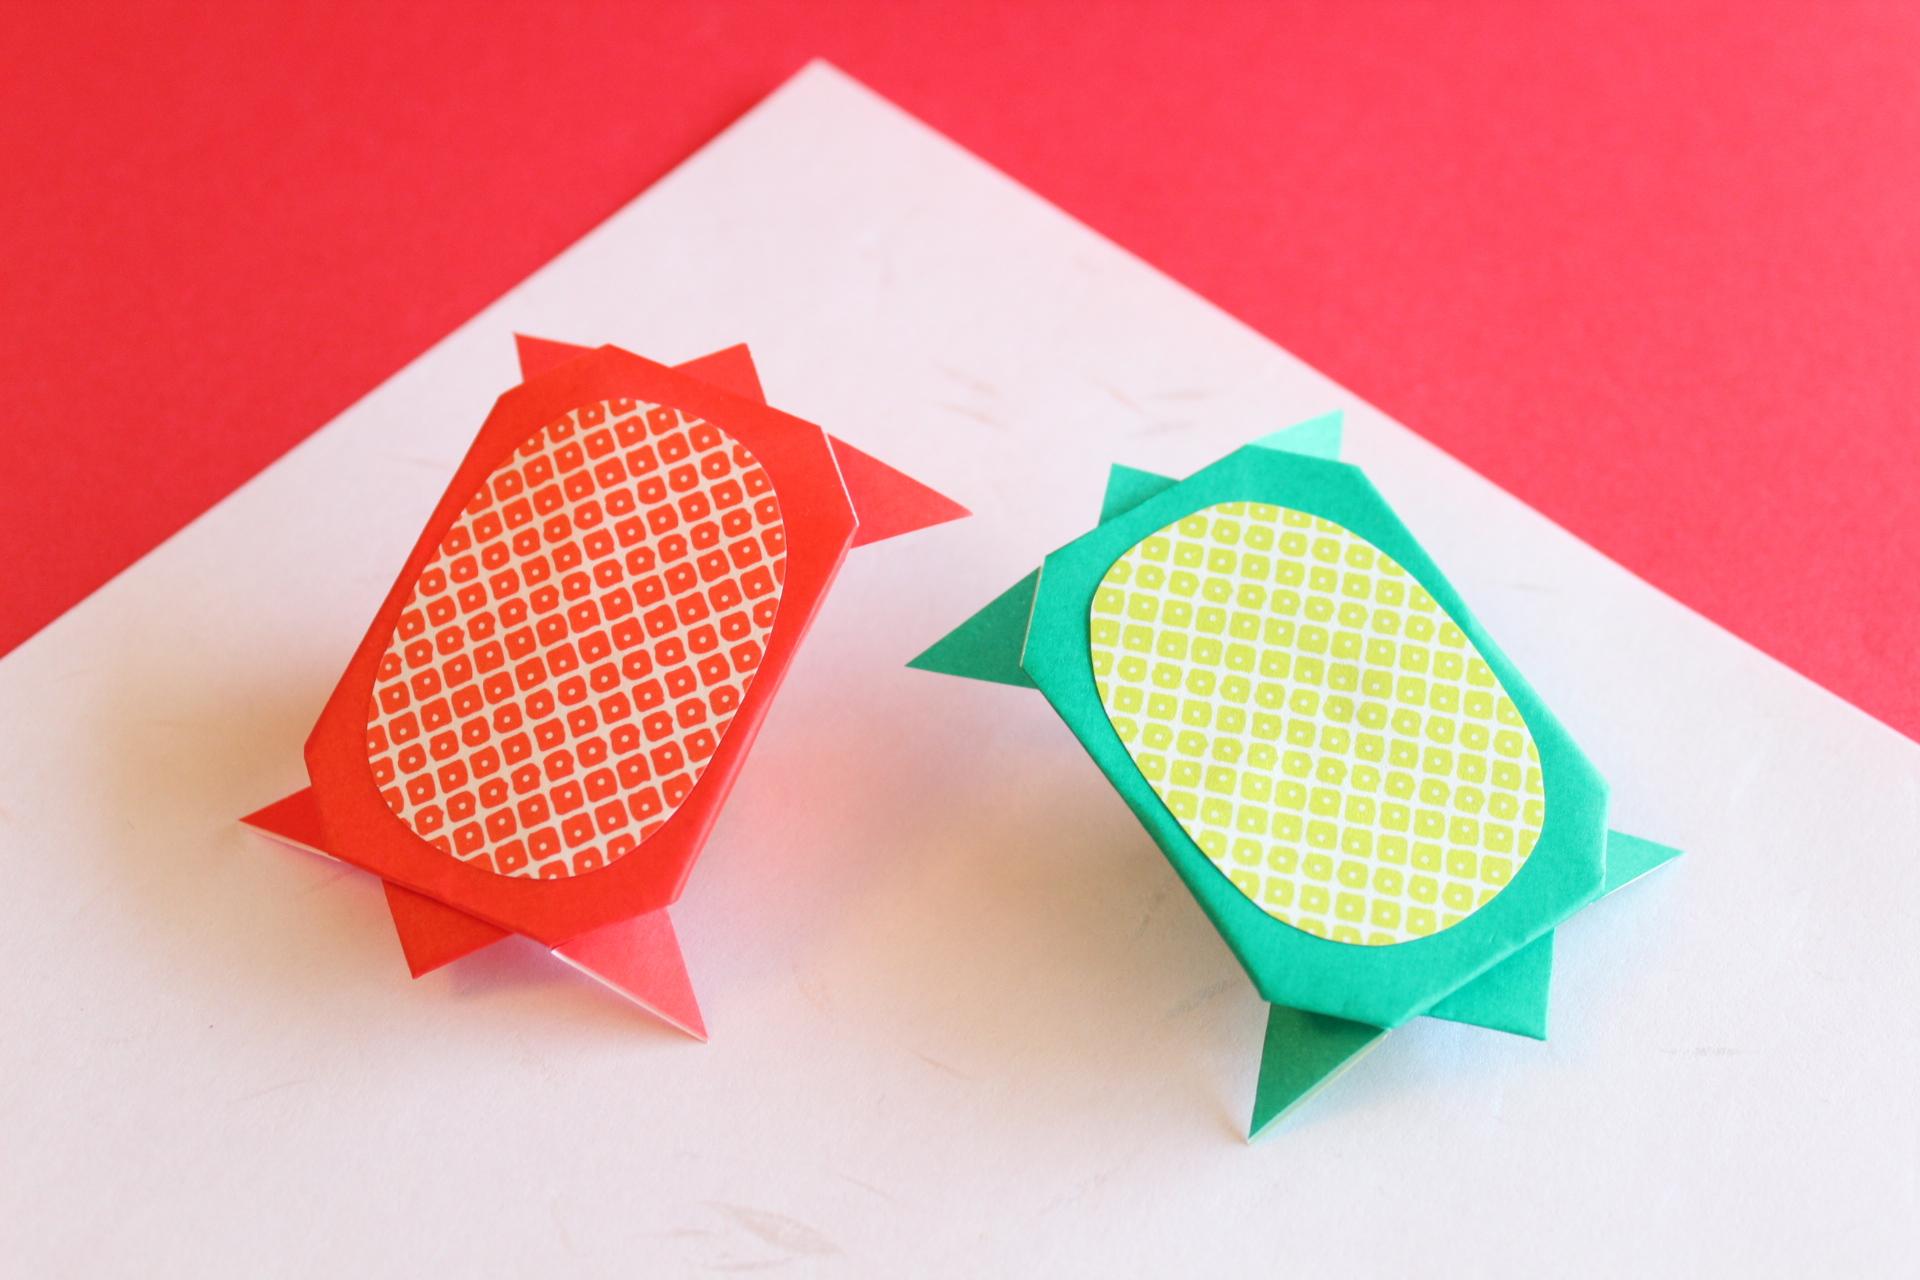 祝い亀を折り紙で飾り付け